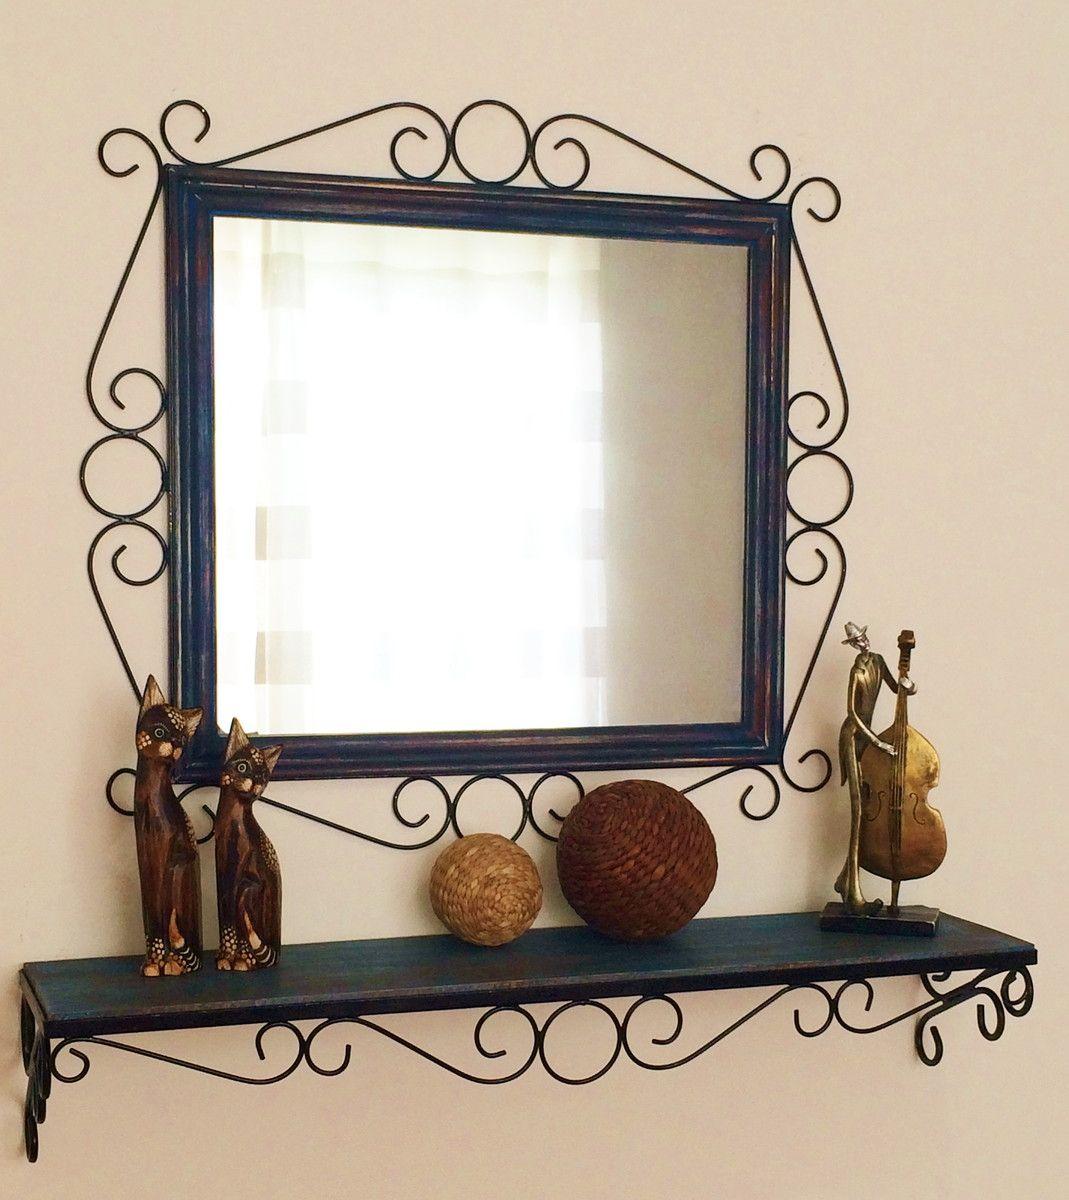 Armario Modulado Banheiro ~ Moldura + aparador (ferro e madeira) Moldura para espelho, Madeira de demoliç u00e3o e Aparador